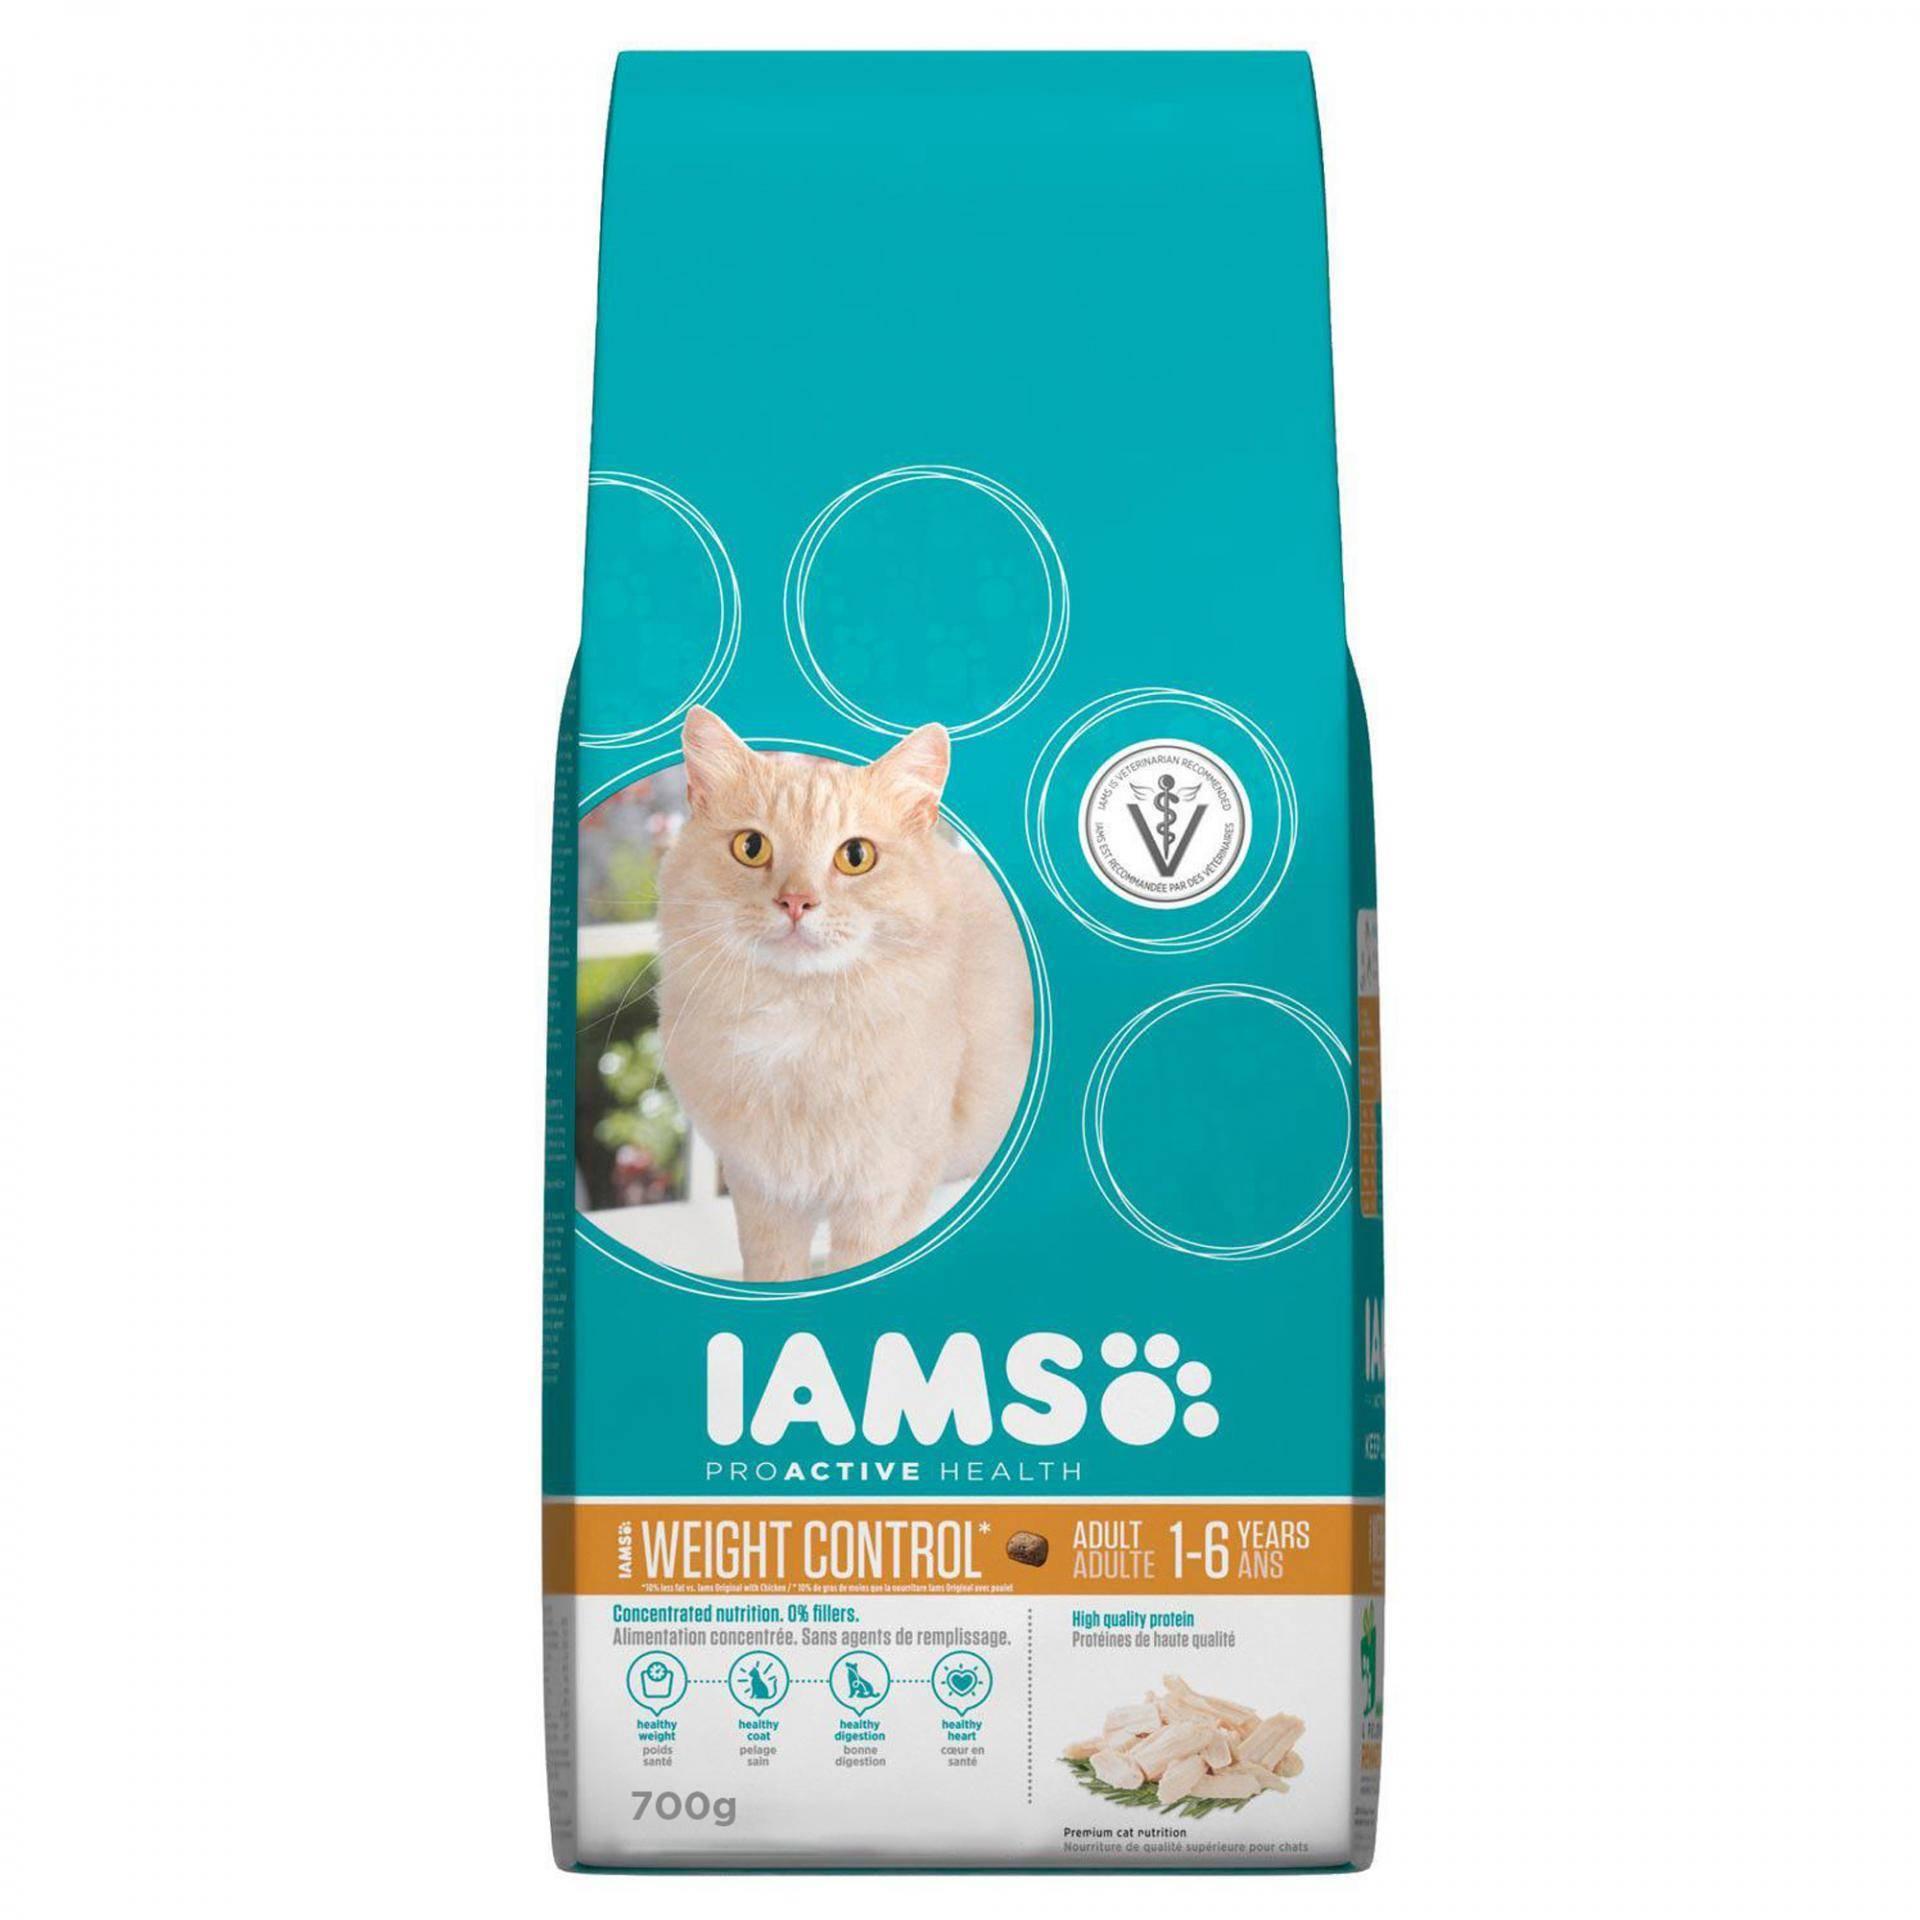 Самый лучший корм и котов для кошек по мнению ветеринаров | рейтинг